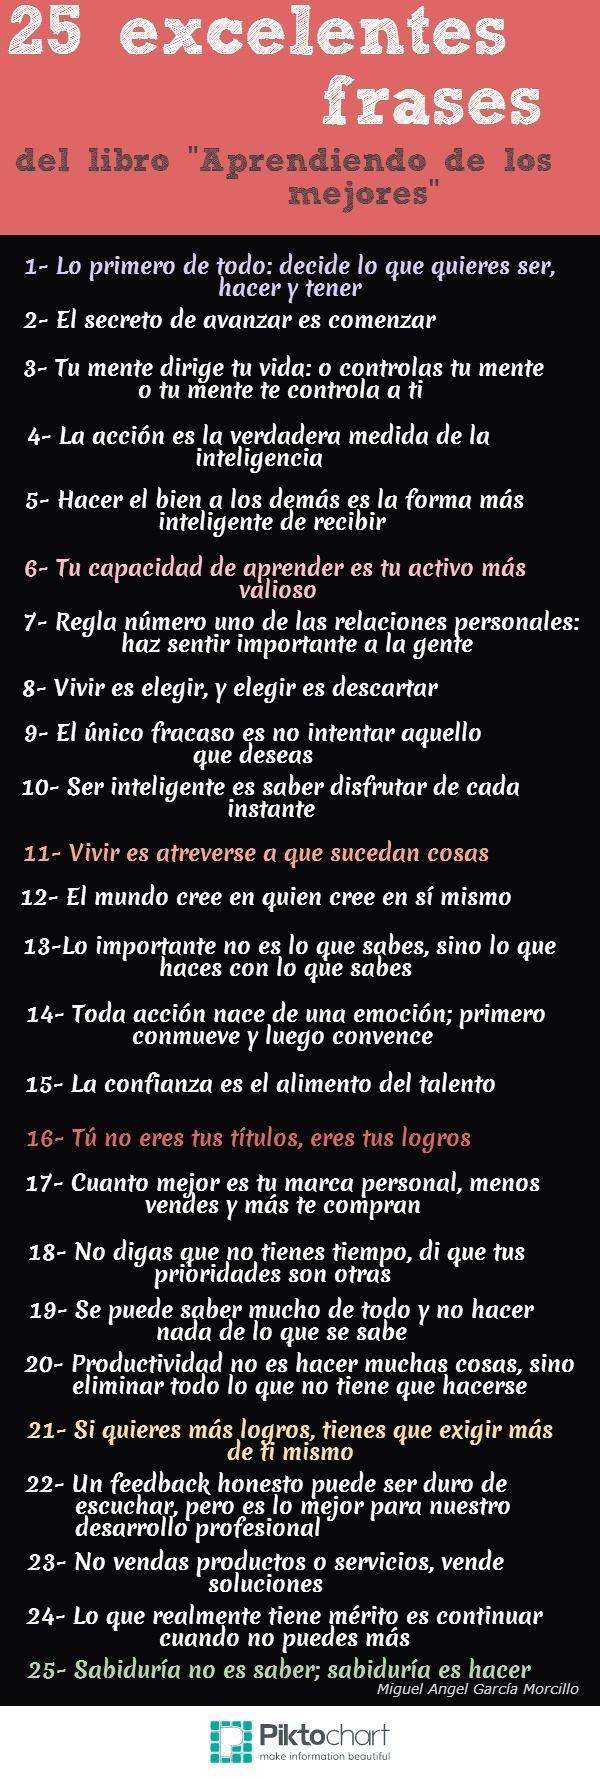 25 #frases excelentes de #AprendiendoDeLosMejores vía Miguel Angel García @alienaragorn